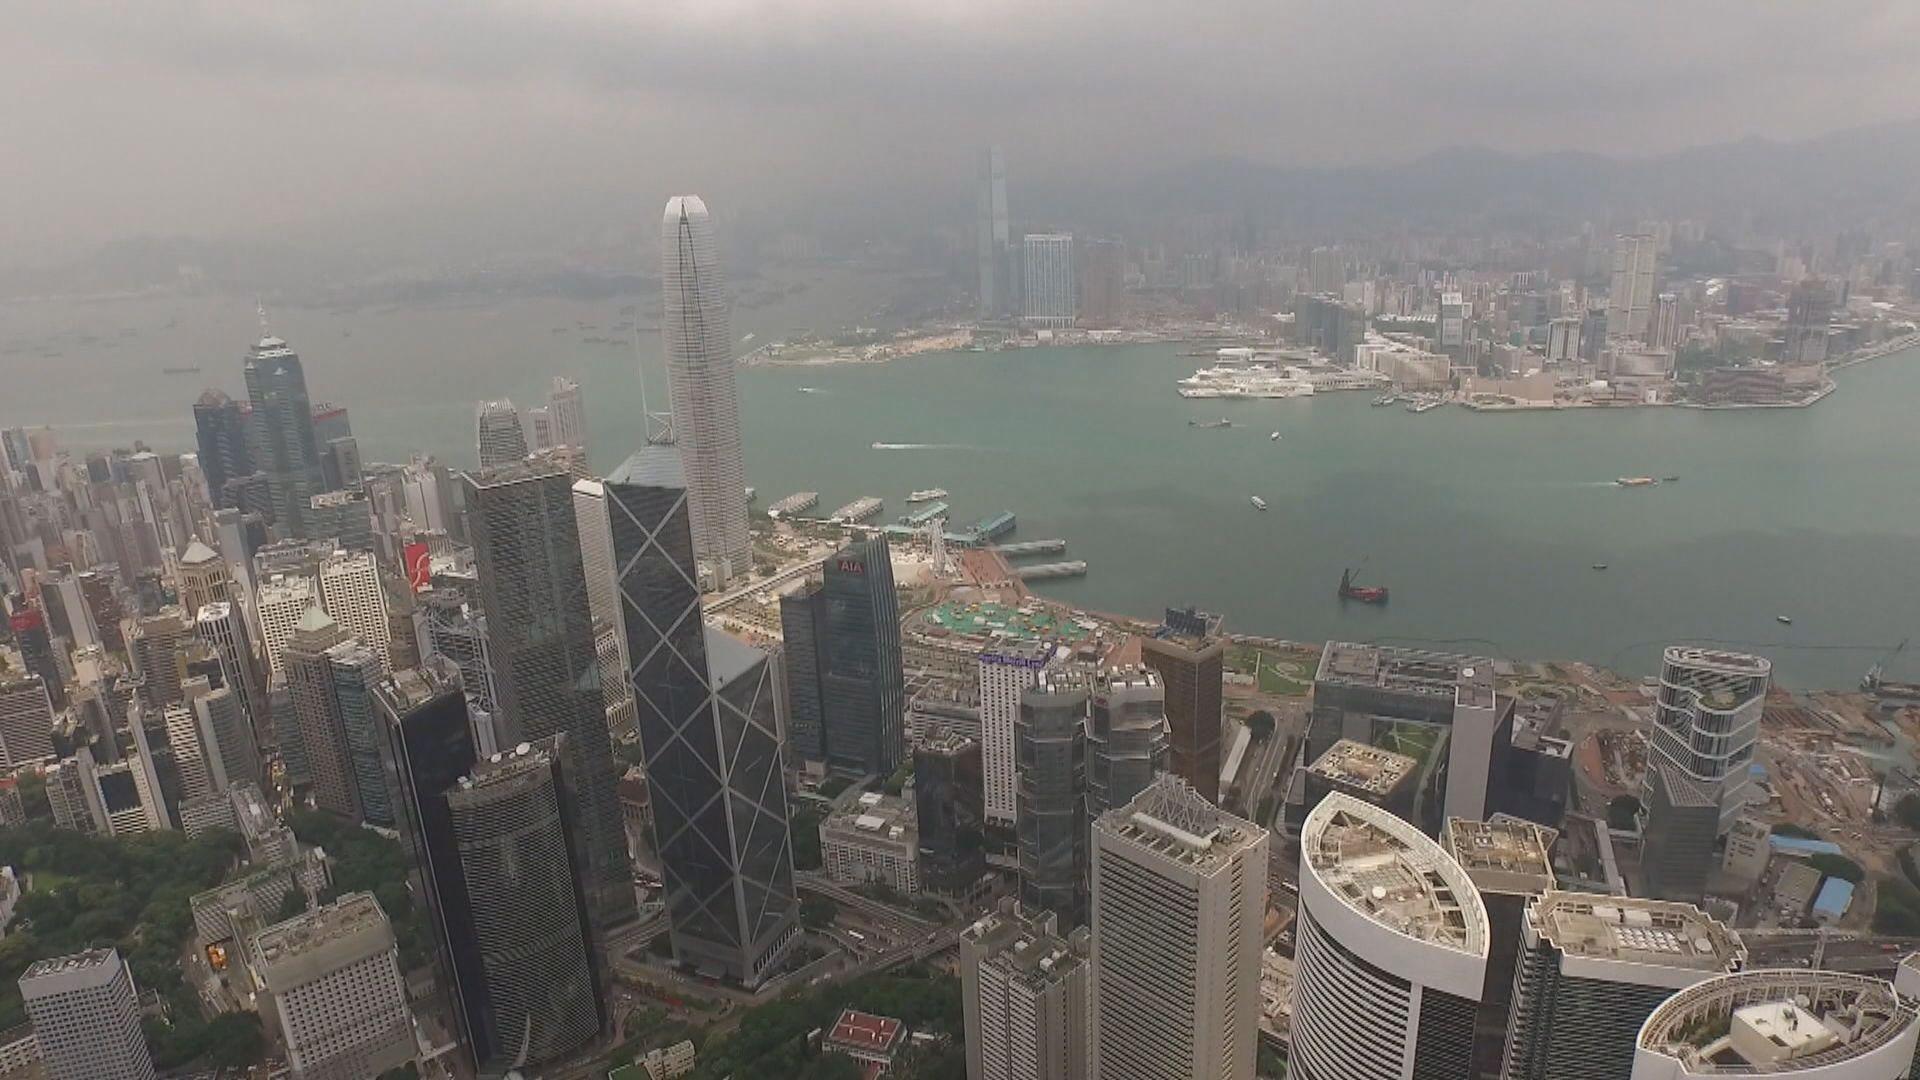 陳茂波:美國「制裁行動」同時損害美國企業在港利益